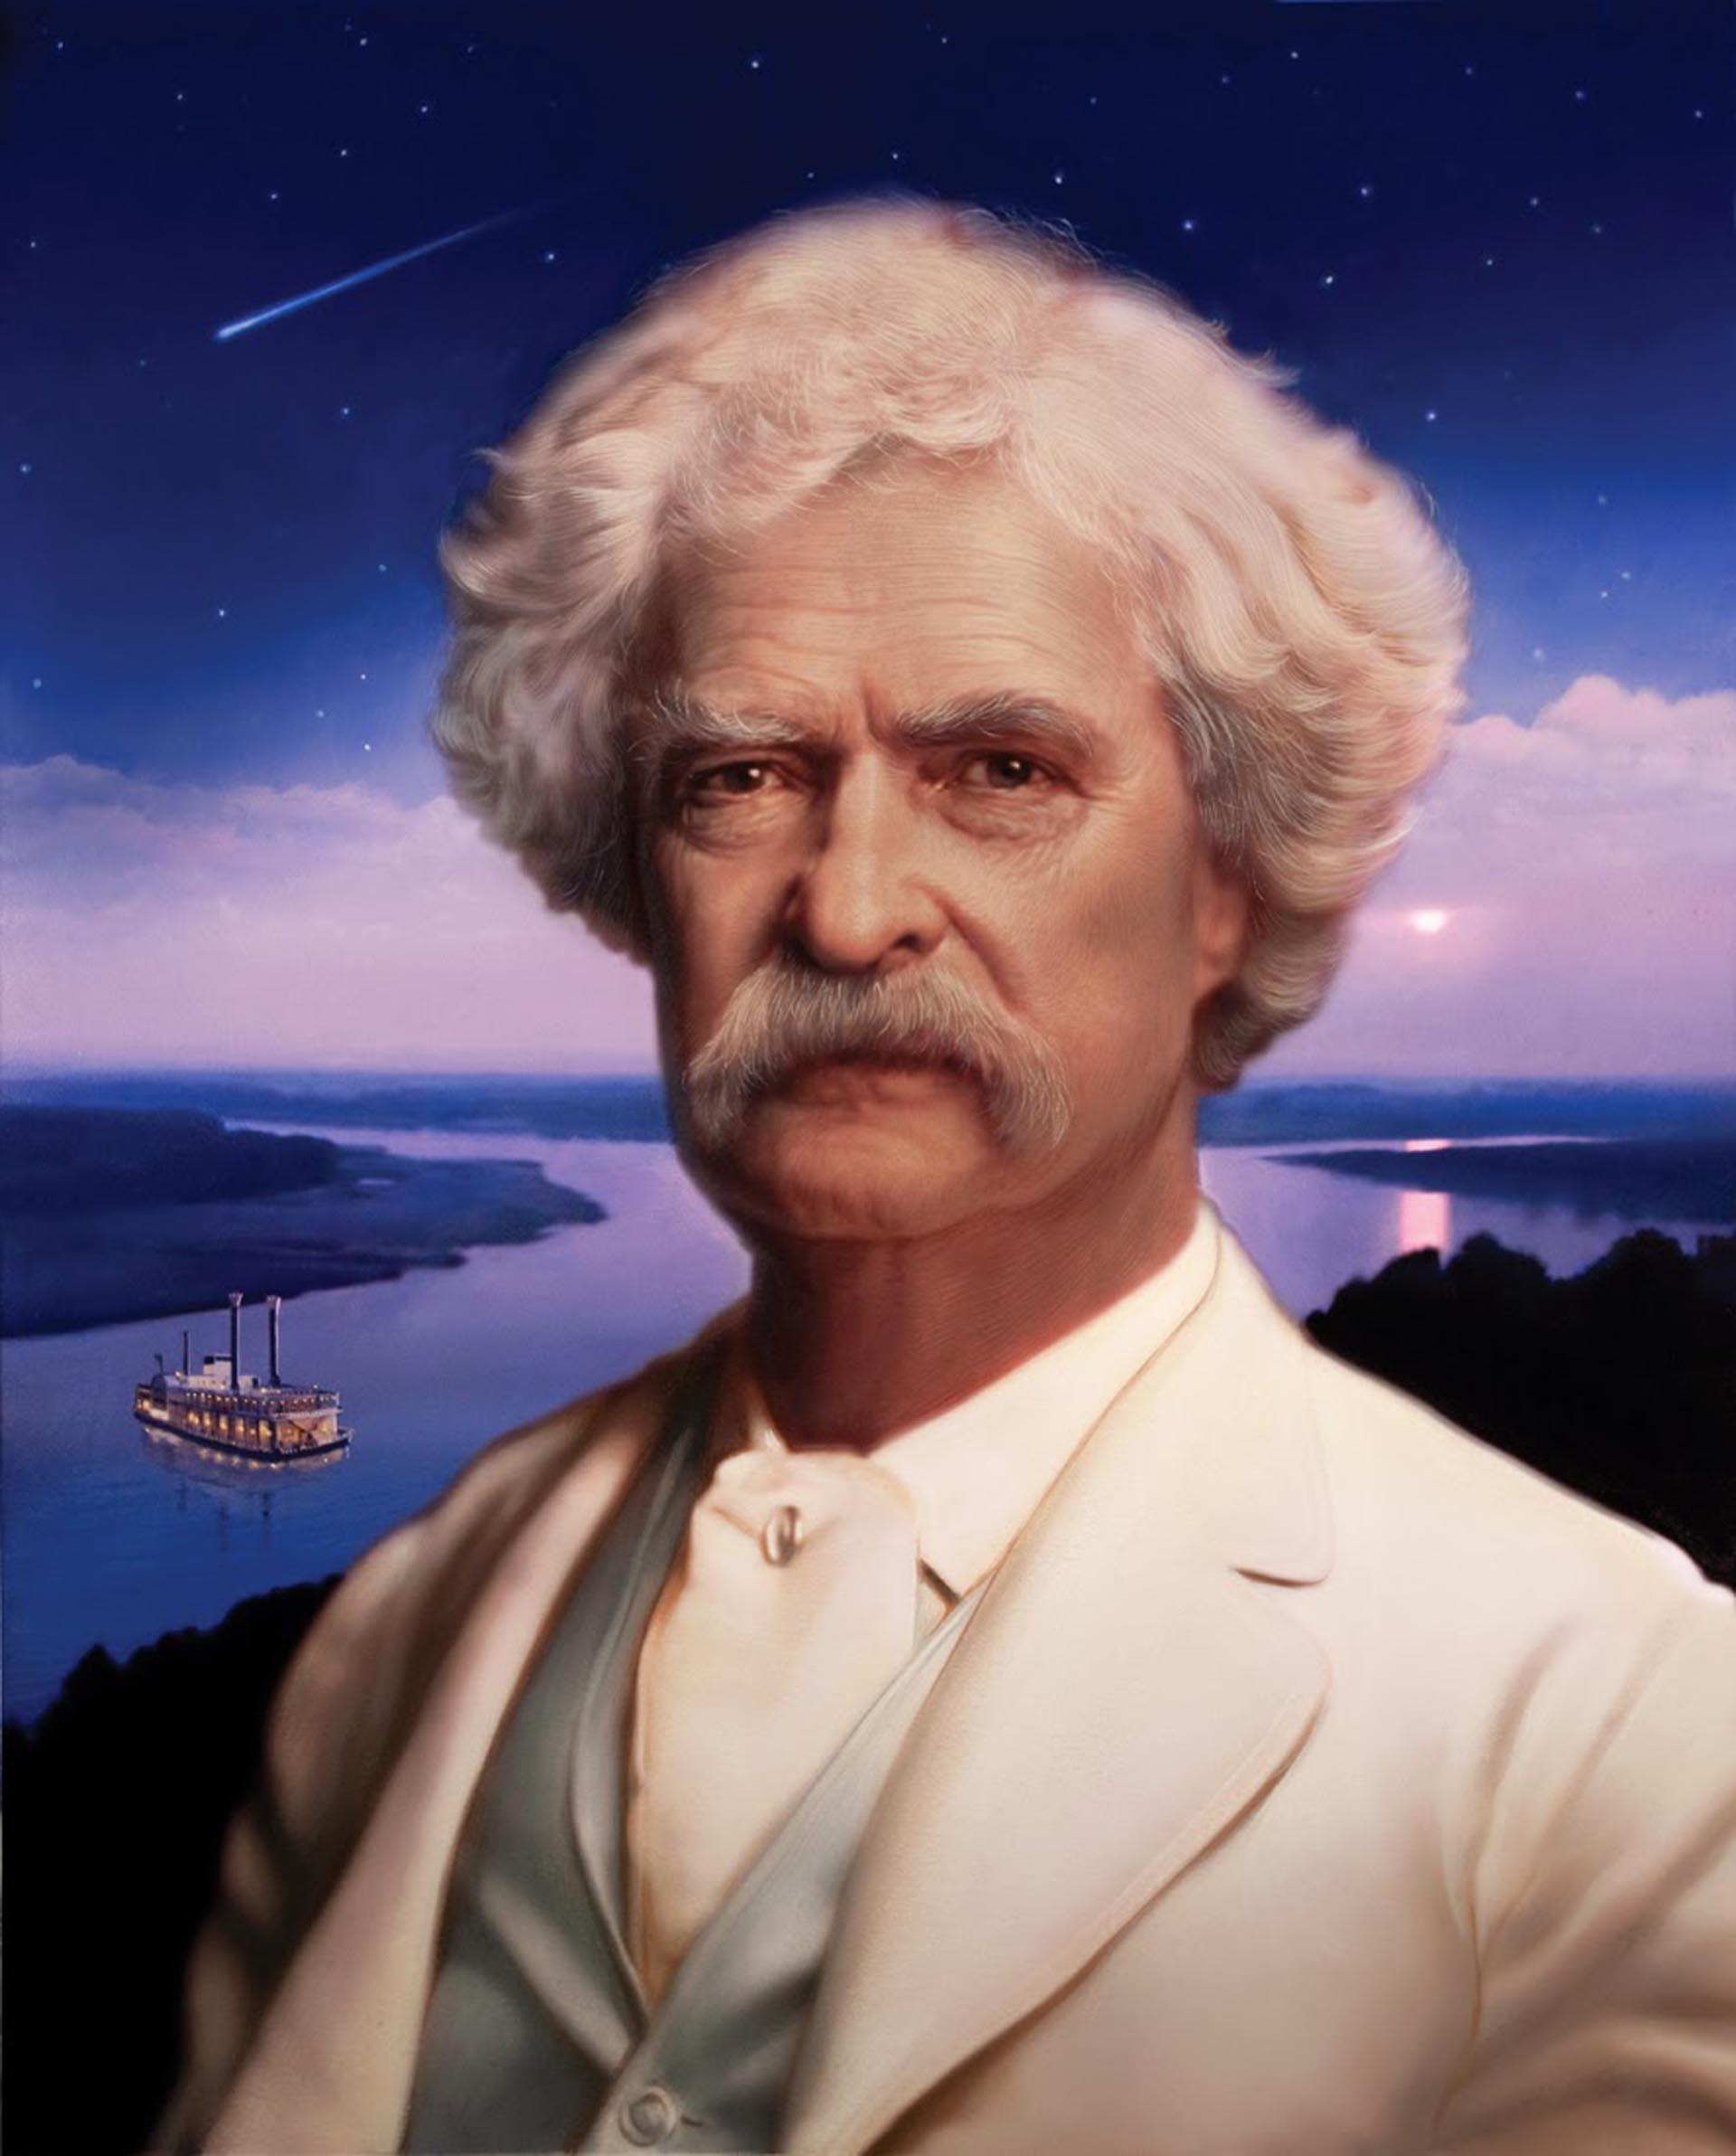 Mark Twain nació y murió tras el paso del cometa Halley